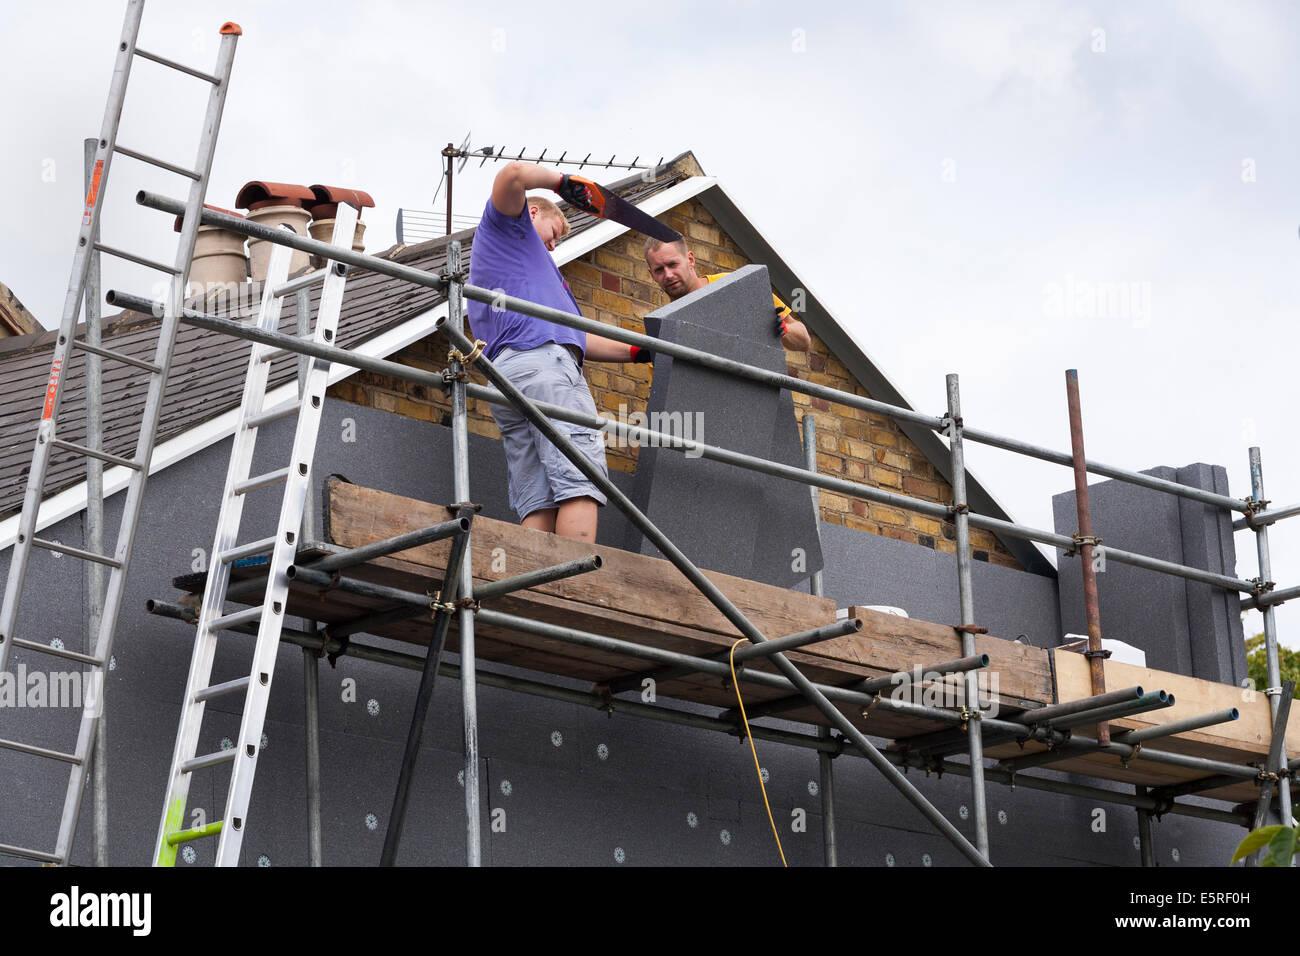 Bauherren Anbau/Einbau Hartschaum wand Isolierung Bleche/Platten/Boards im Gable End der viktorianischen Reihenhaus Stockbild